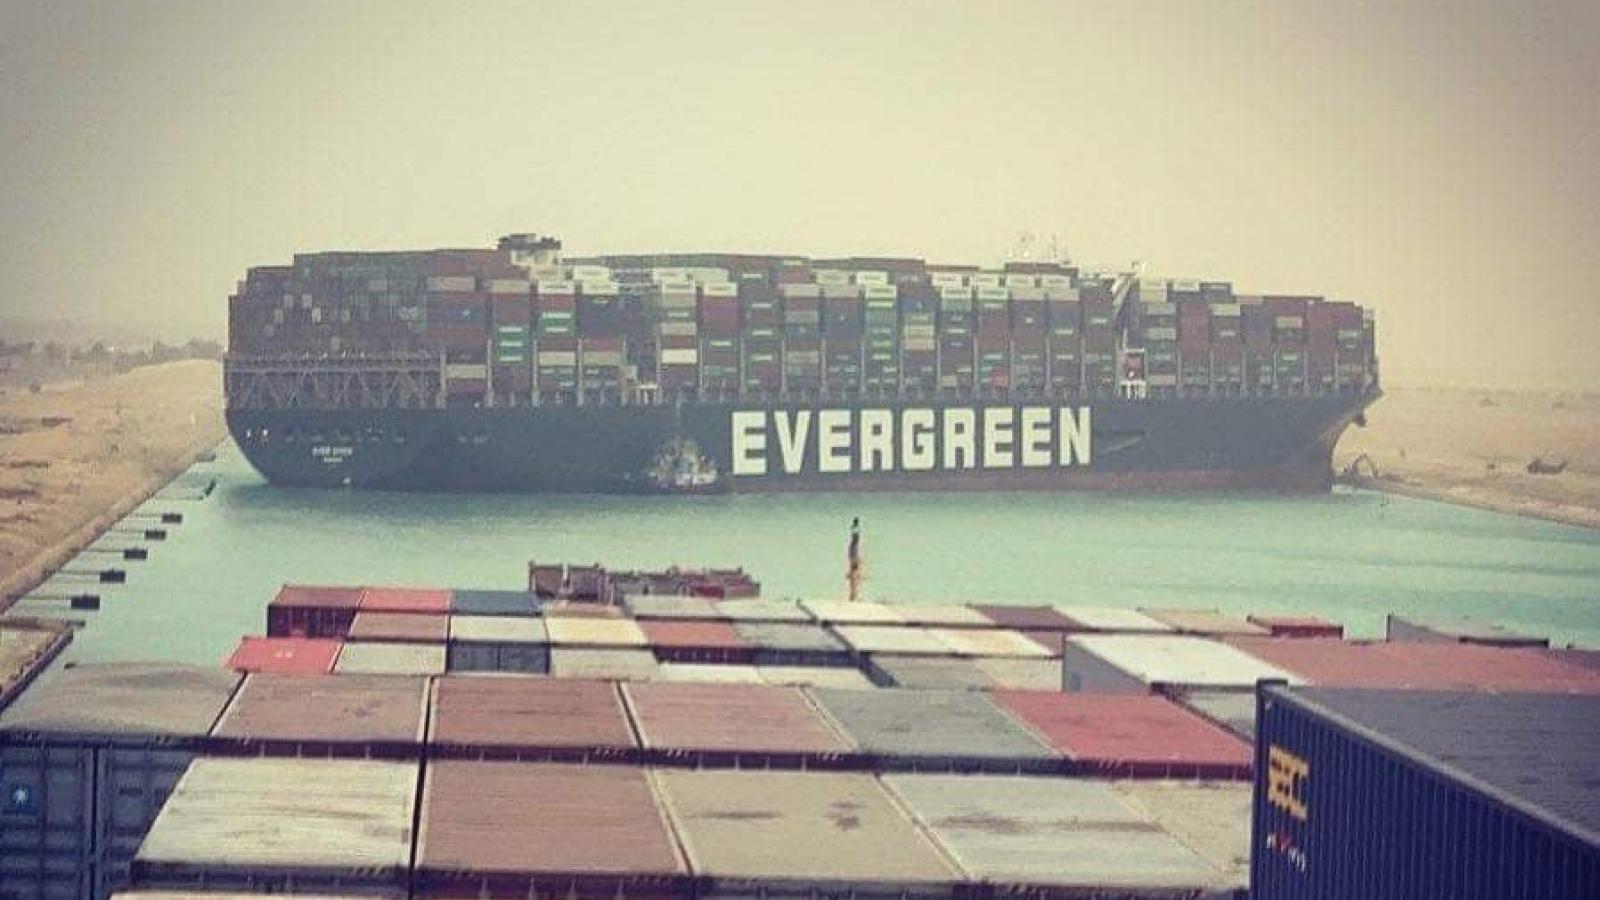 Siêu tàu container mắc kẹt khiến kênh đào Suez tắc nghẽn nghiêm trọng